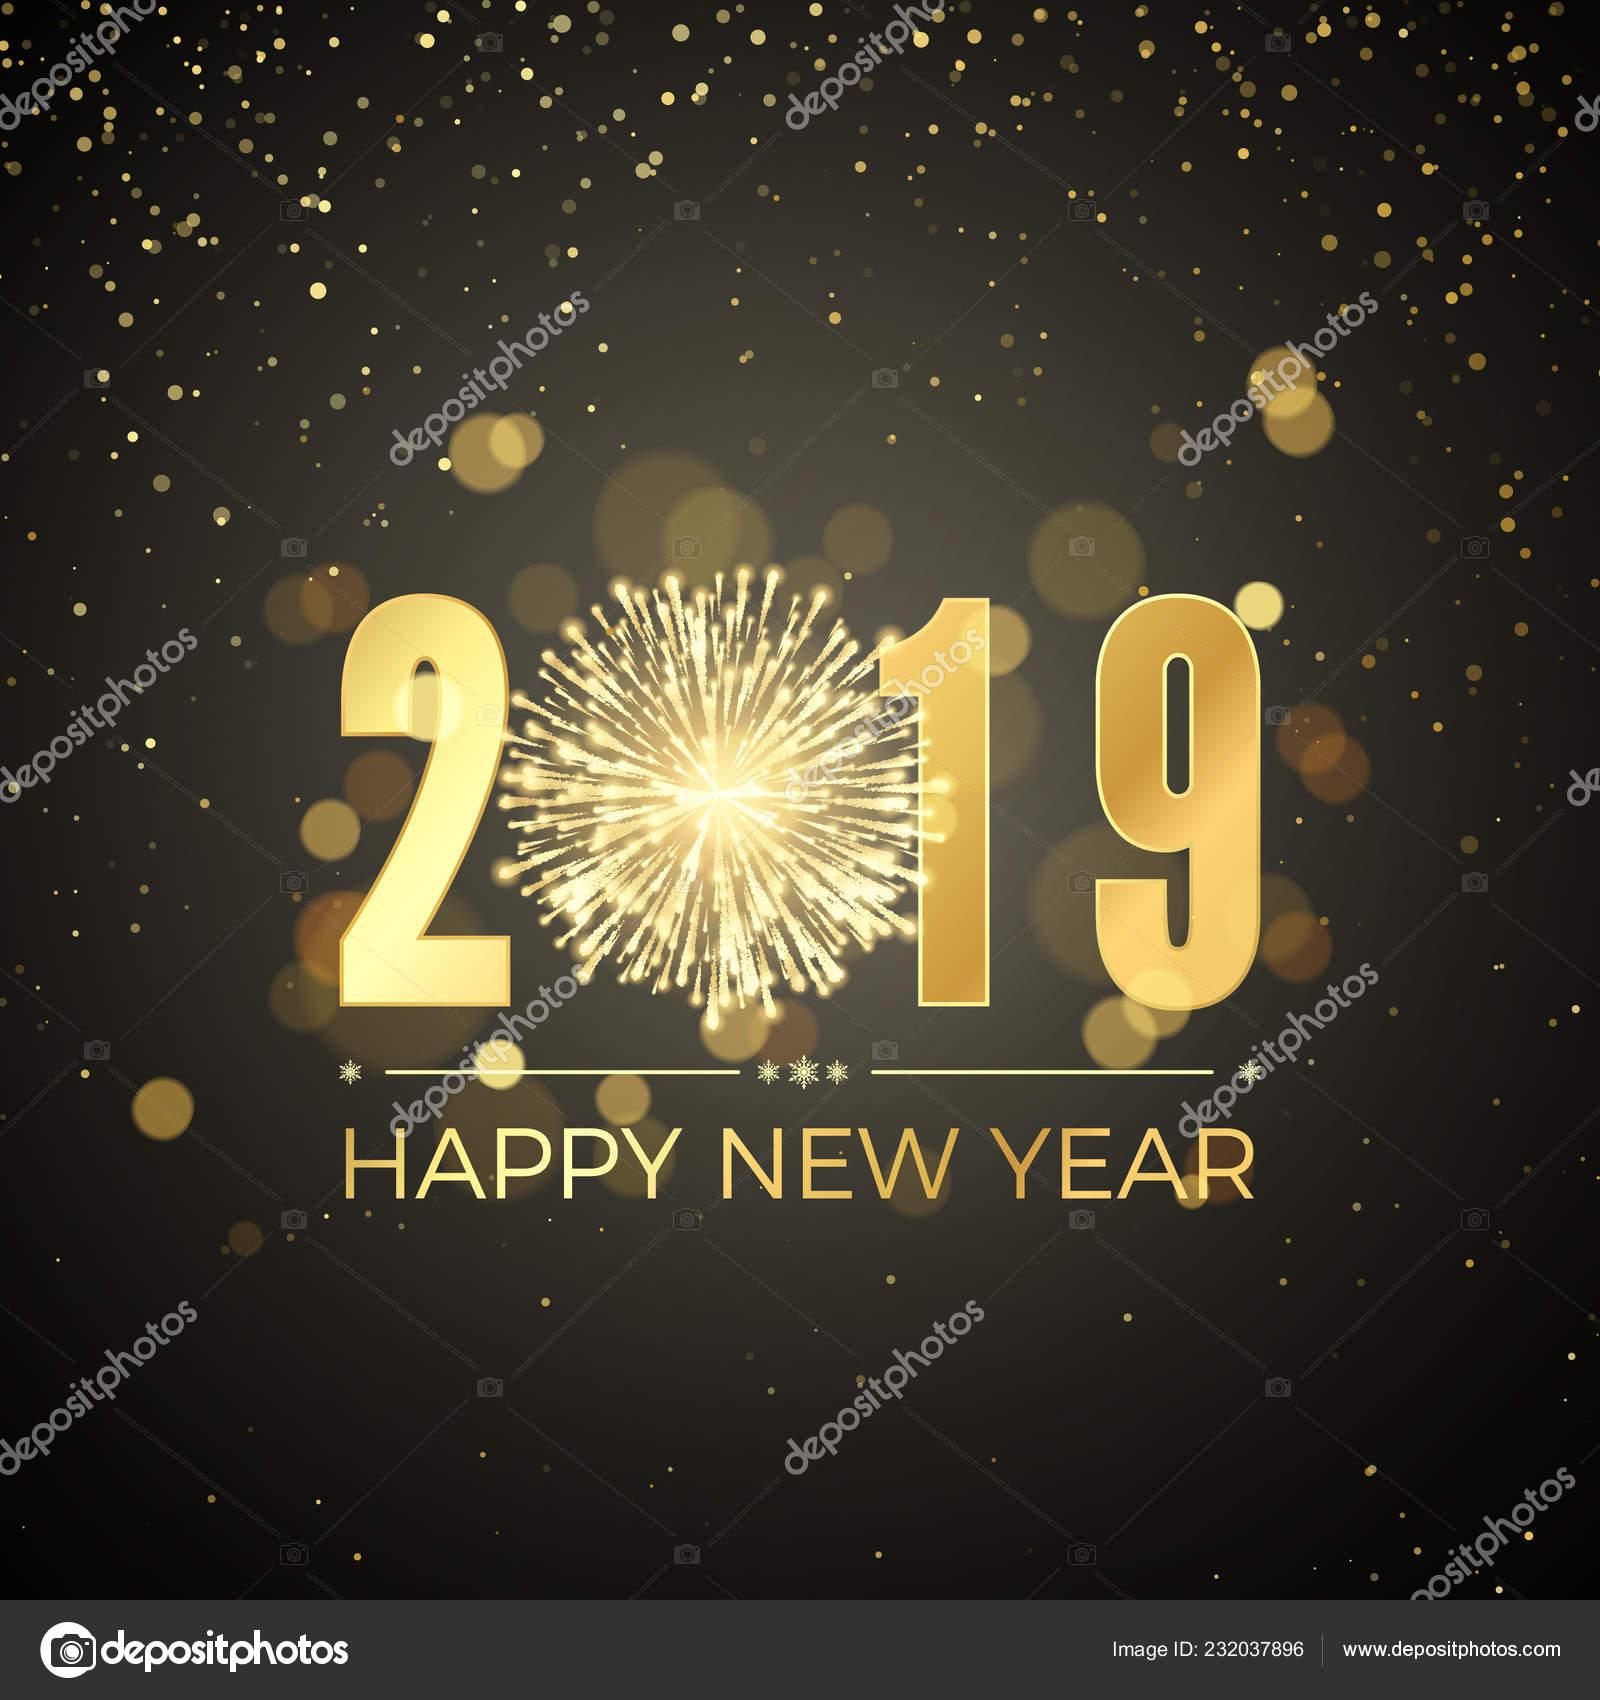 Feliz Ano Nuevo 2019 Nuevo Banner Anos Con Numeros Dorados Vector